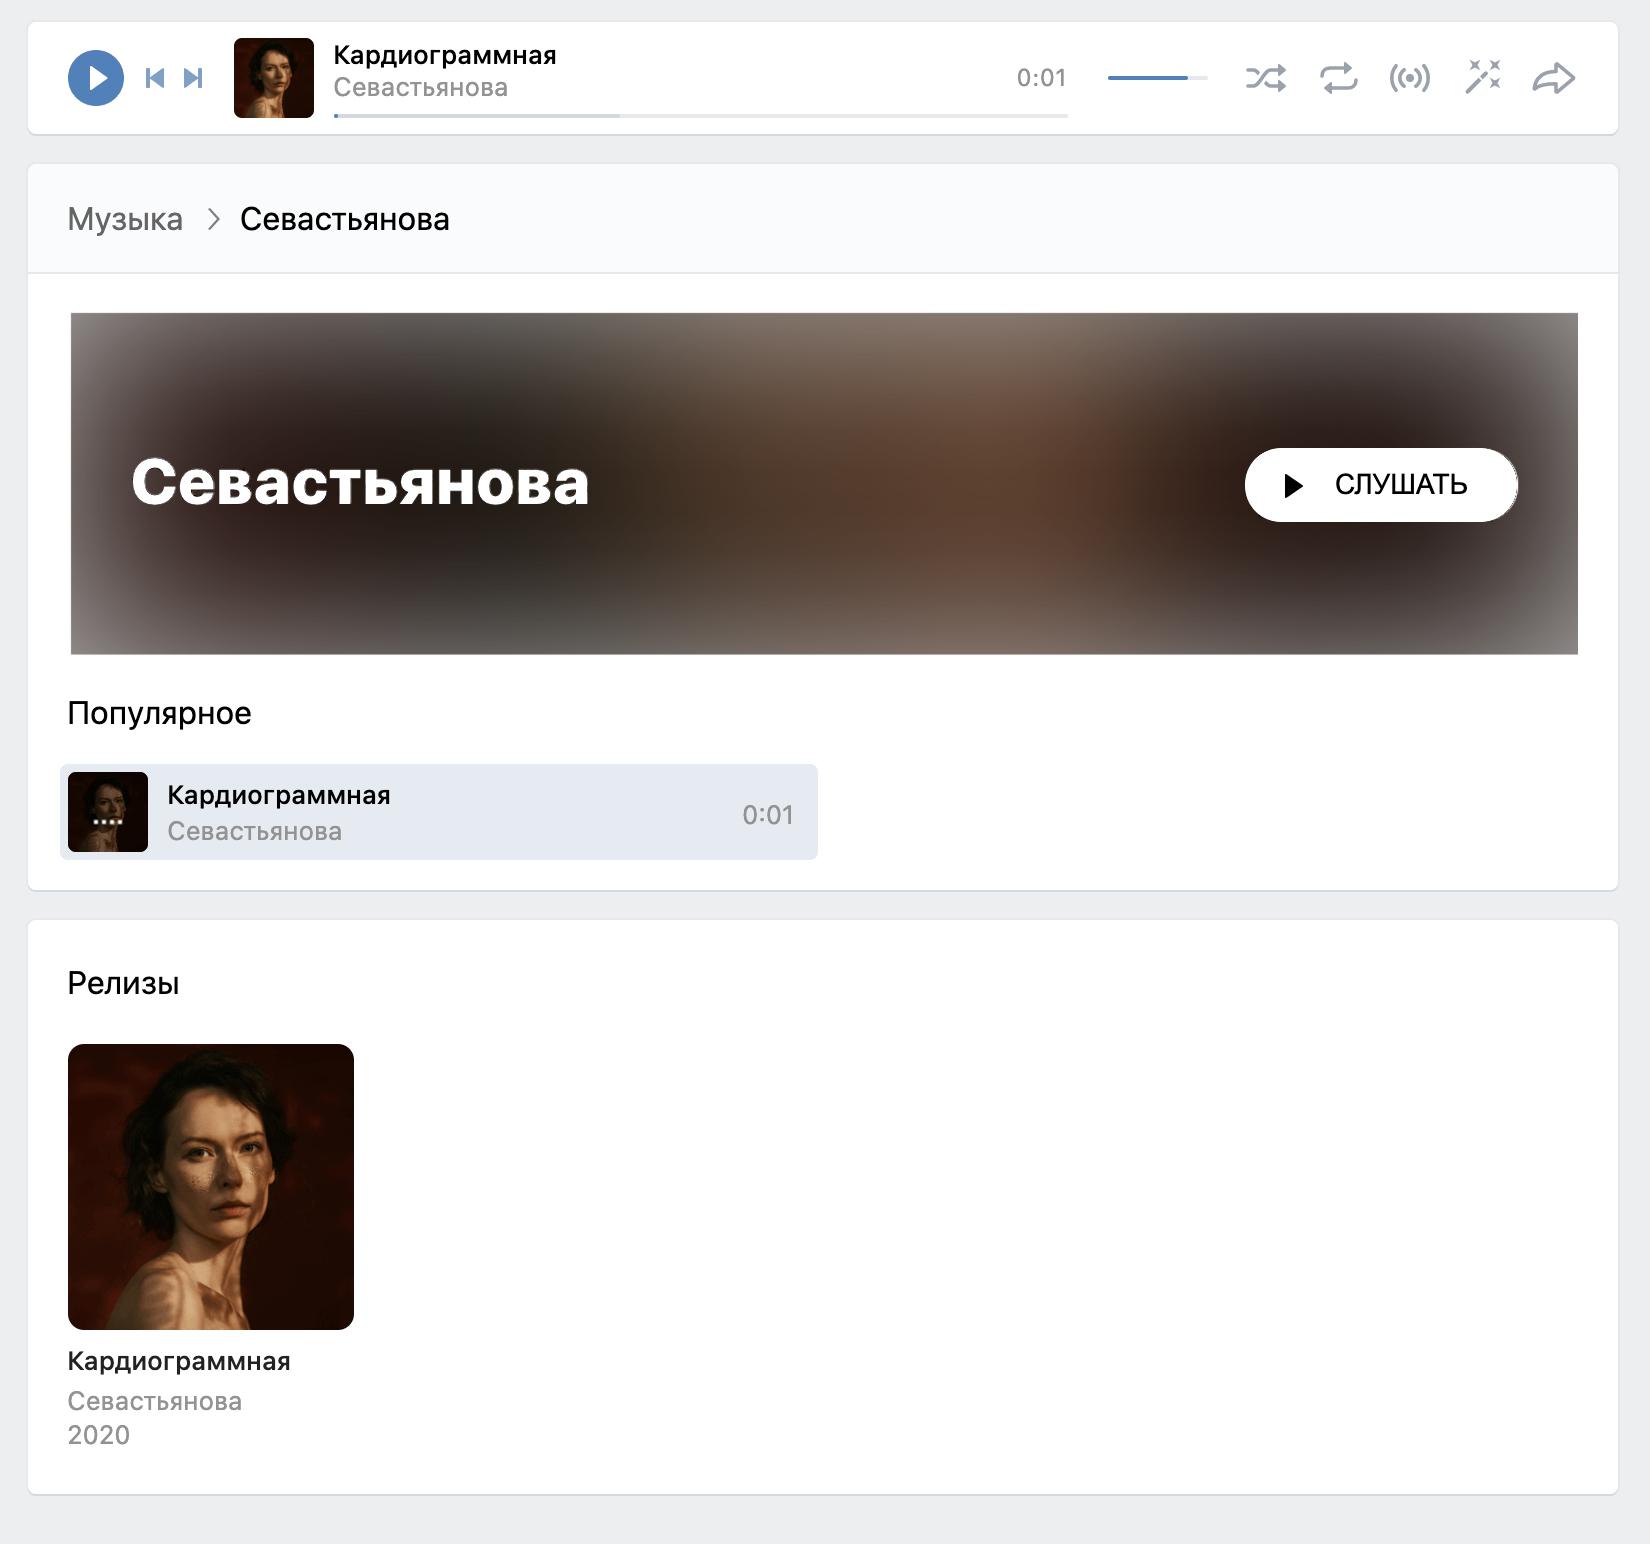 Так выглядела моя страница артиста во «Вконтакте», когда трек появился на этой платформе